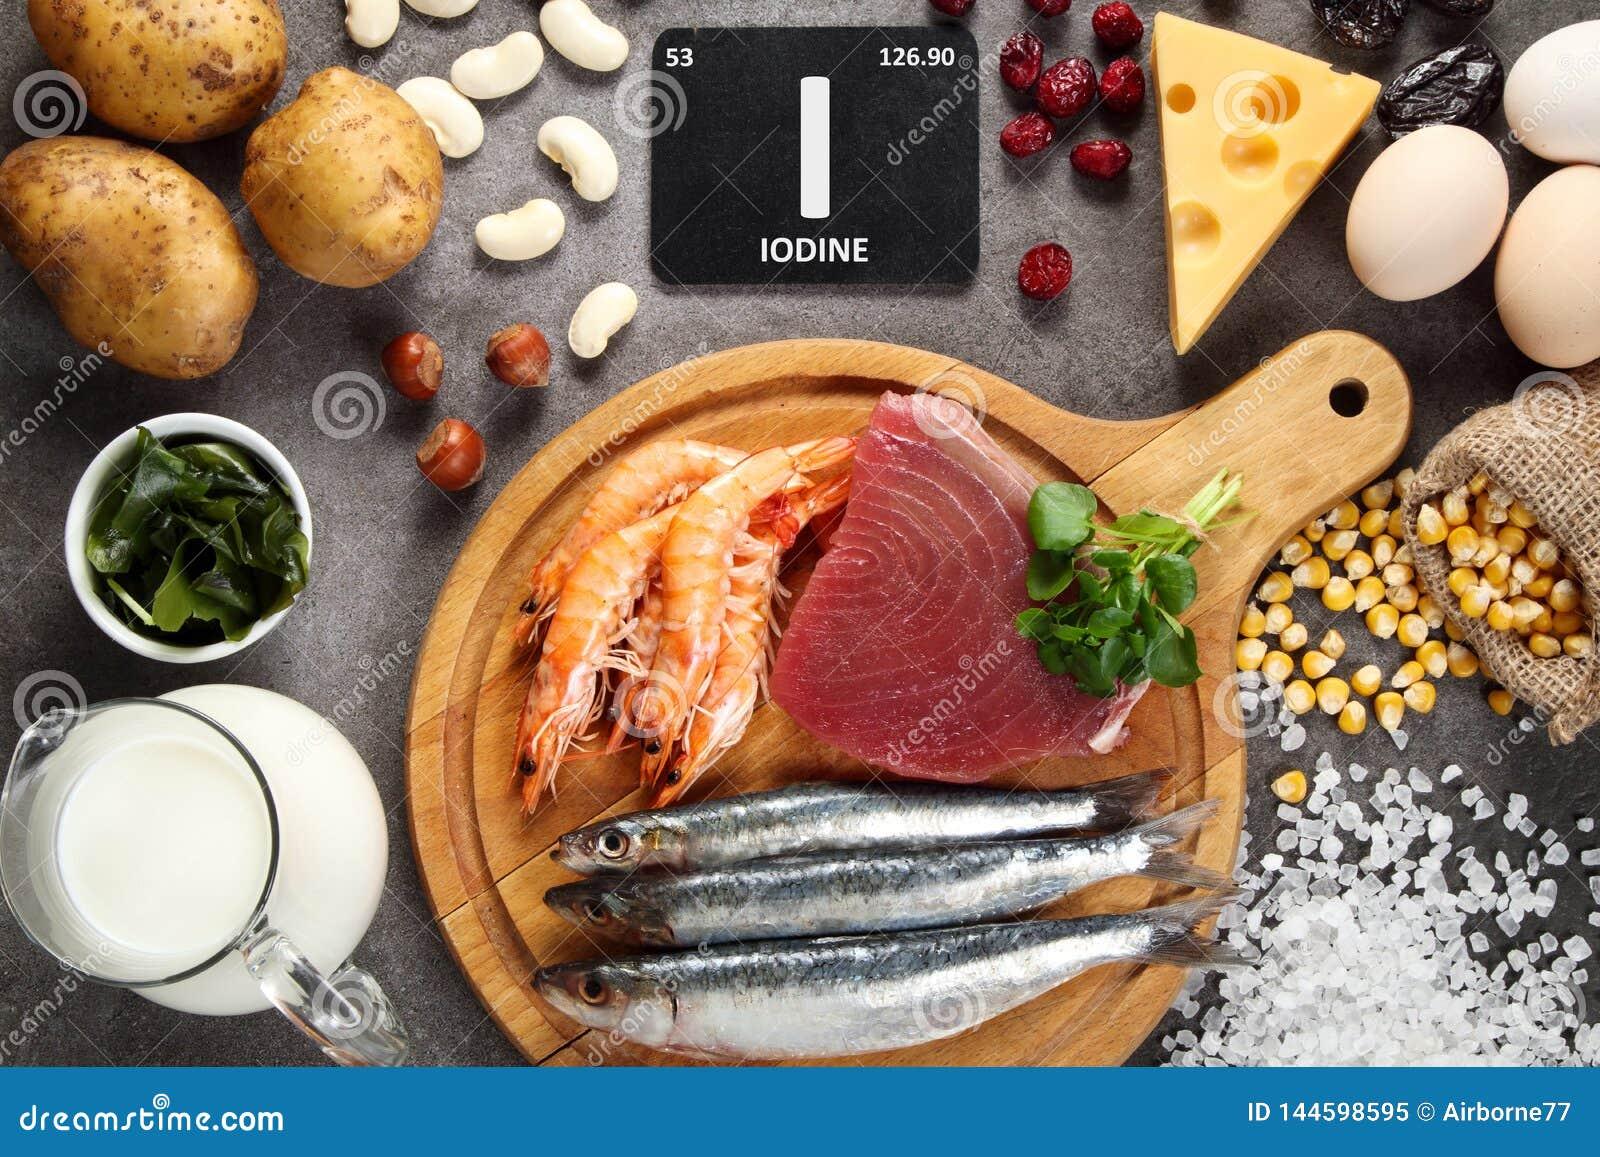 Nahrungsmittel reich im Jod